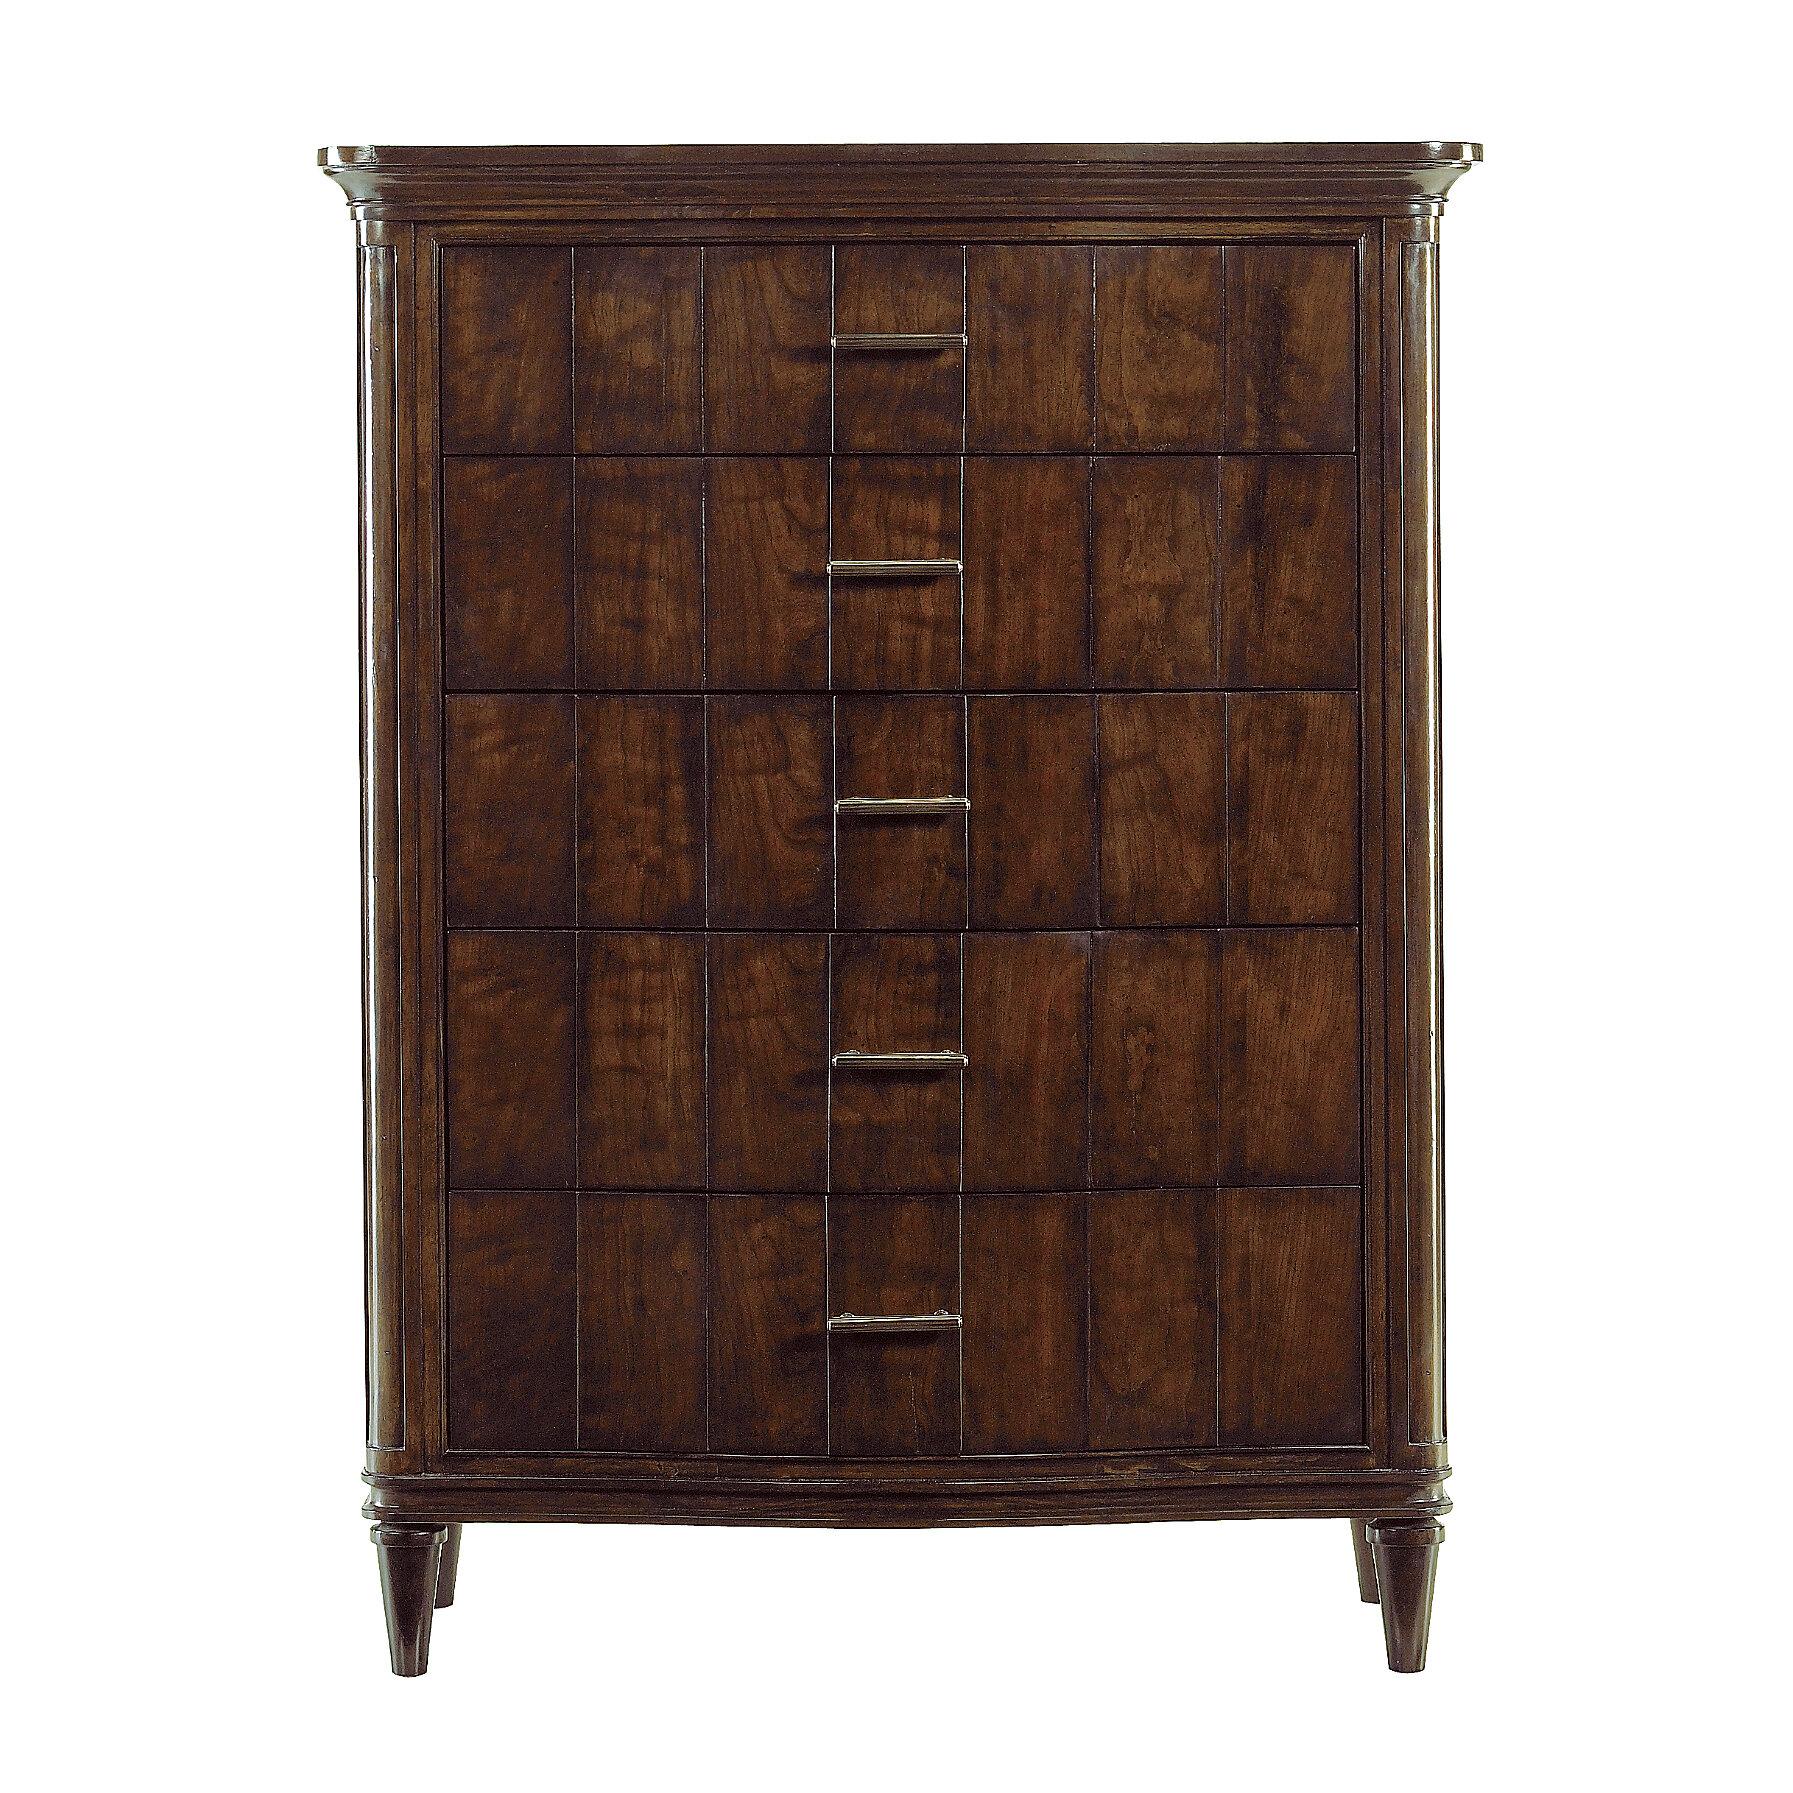 Stanley avalon heights 5 drawer chest wayfair